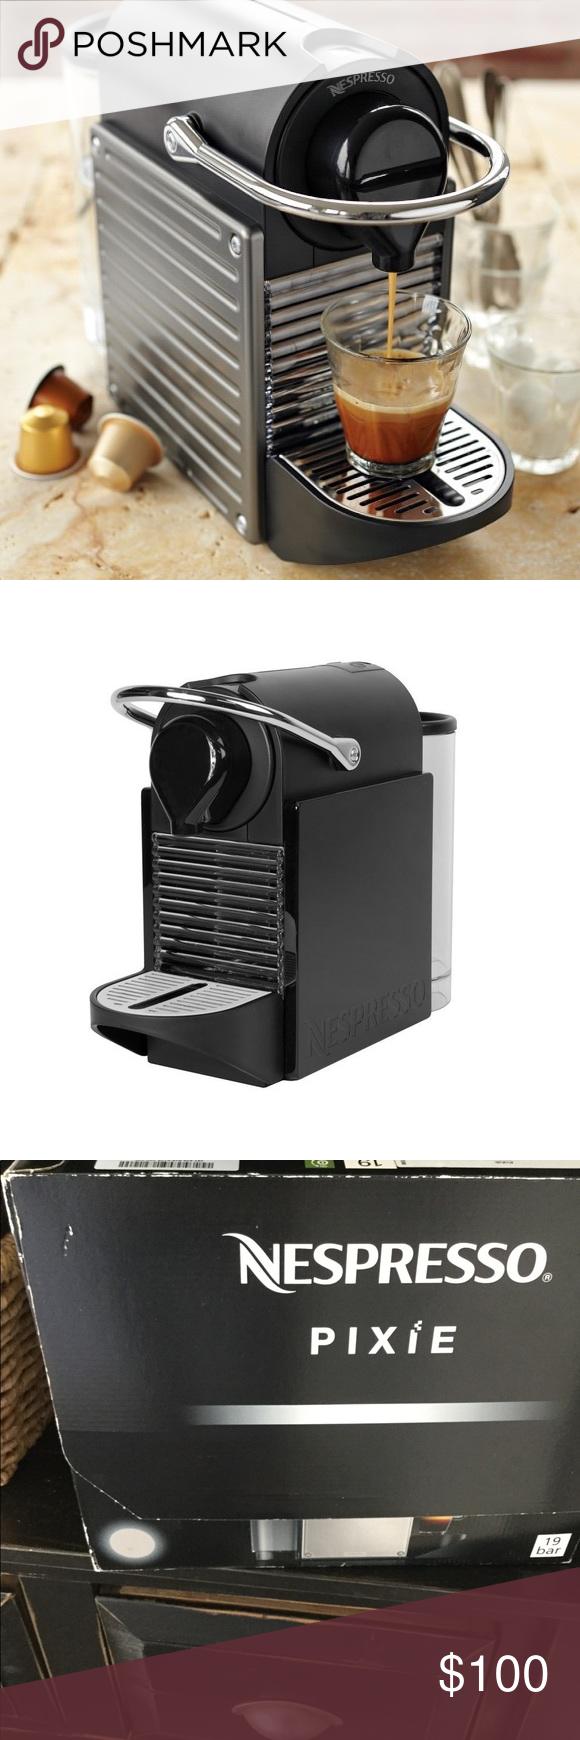 Pixie espresso coffee maker in 2020 Espresso coffee